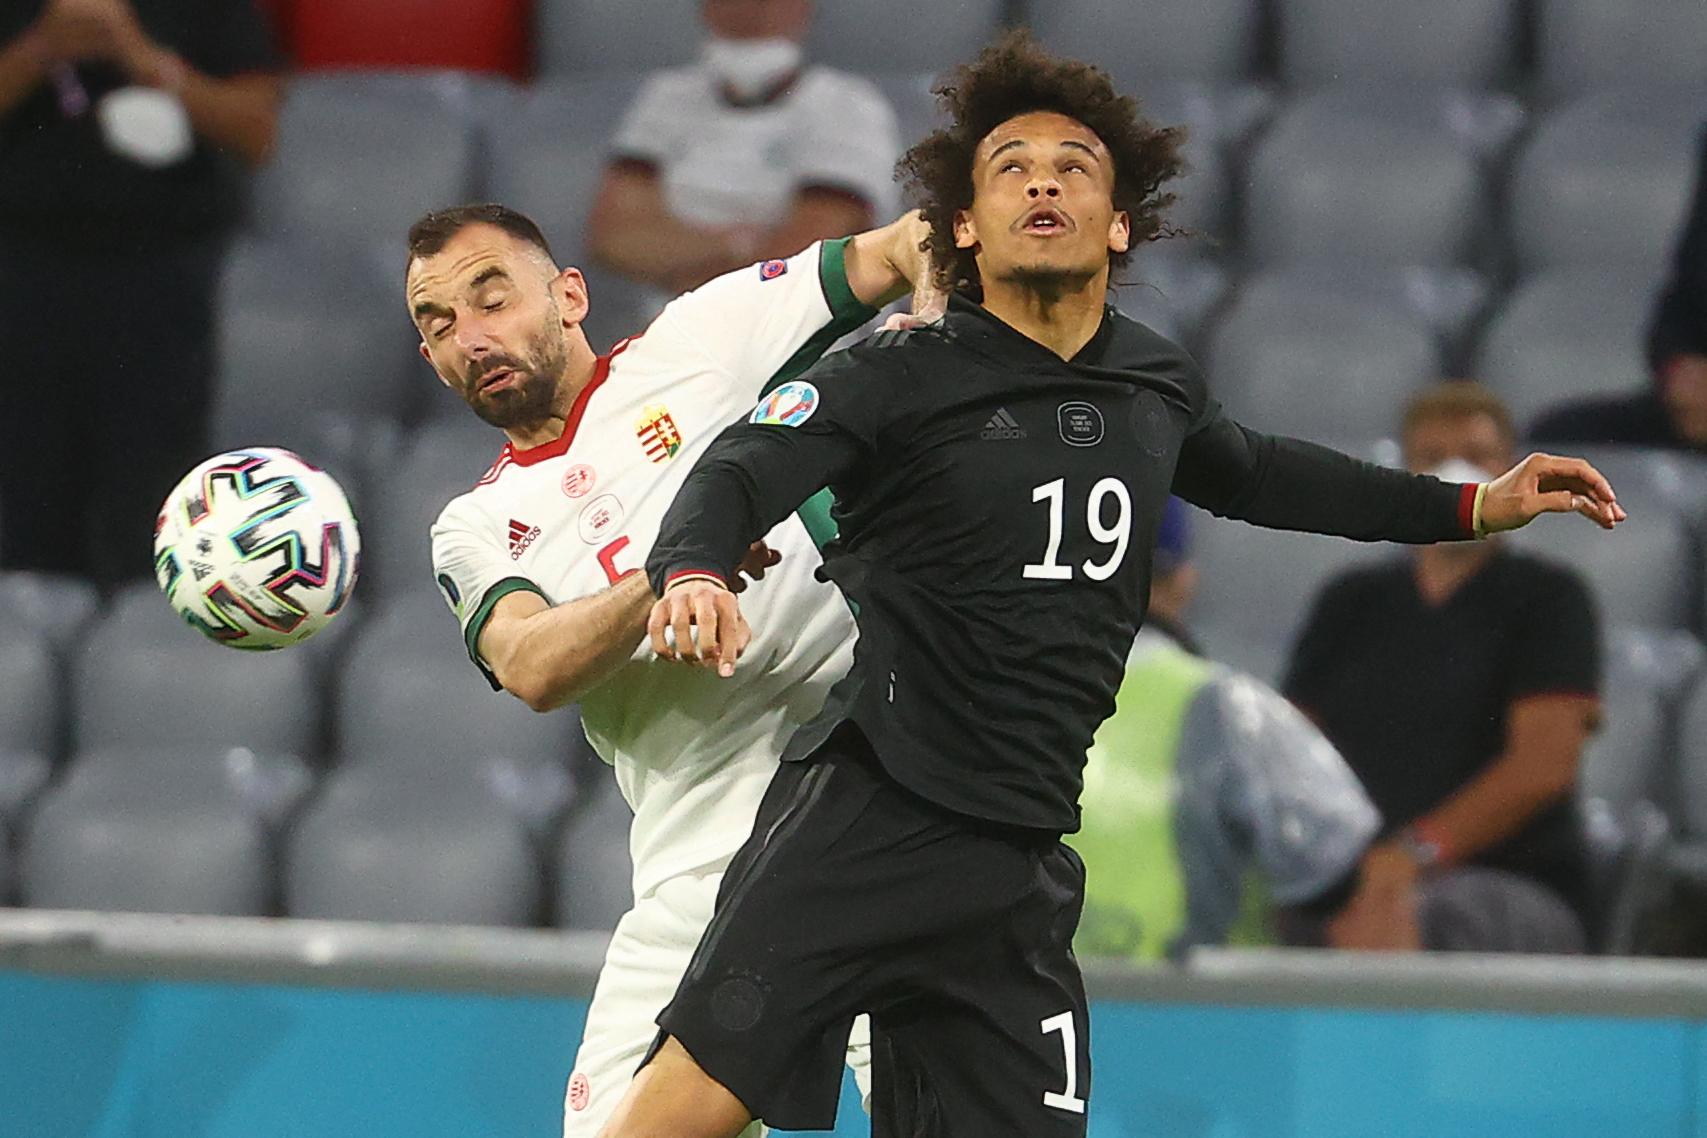 Angol-német és belga-portugál meccs is lesz a nyolcaddöntőkben